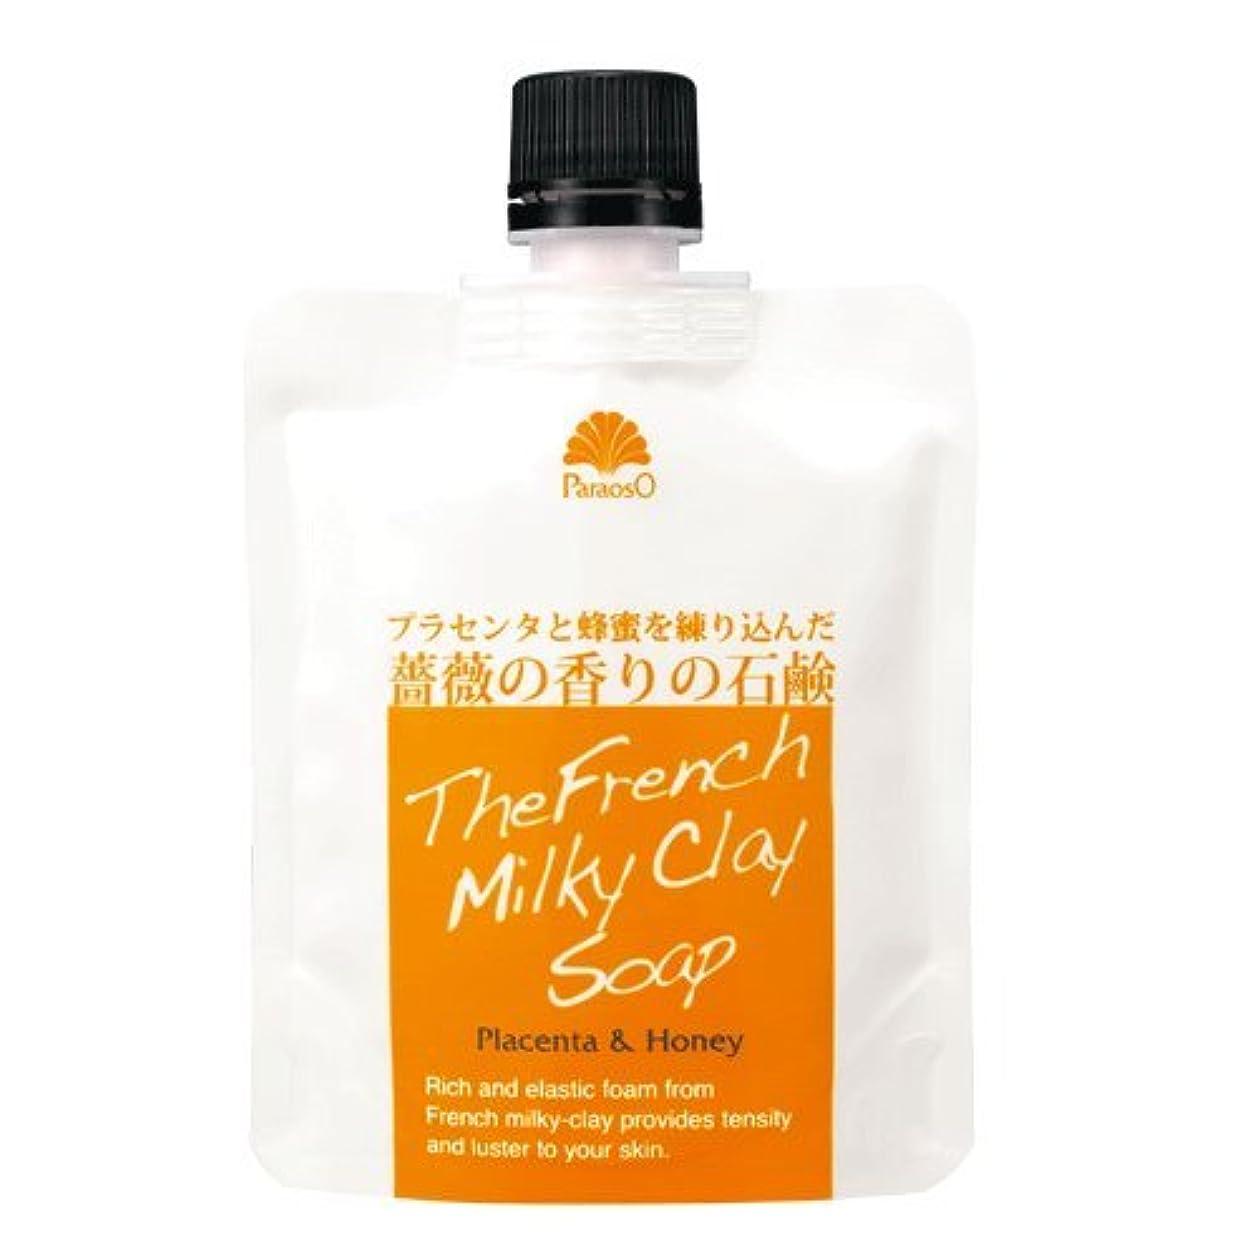 カバー始まり征服者プラセンタと蜂蜜を練り込んだ薔薇の香りの生石鹸 パラオソフレンチクレイソープ 1個